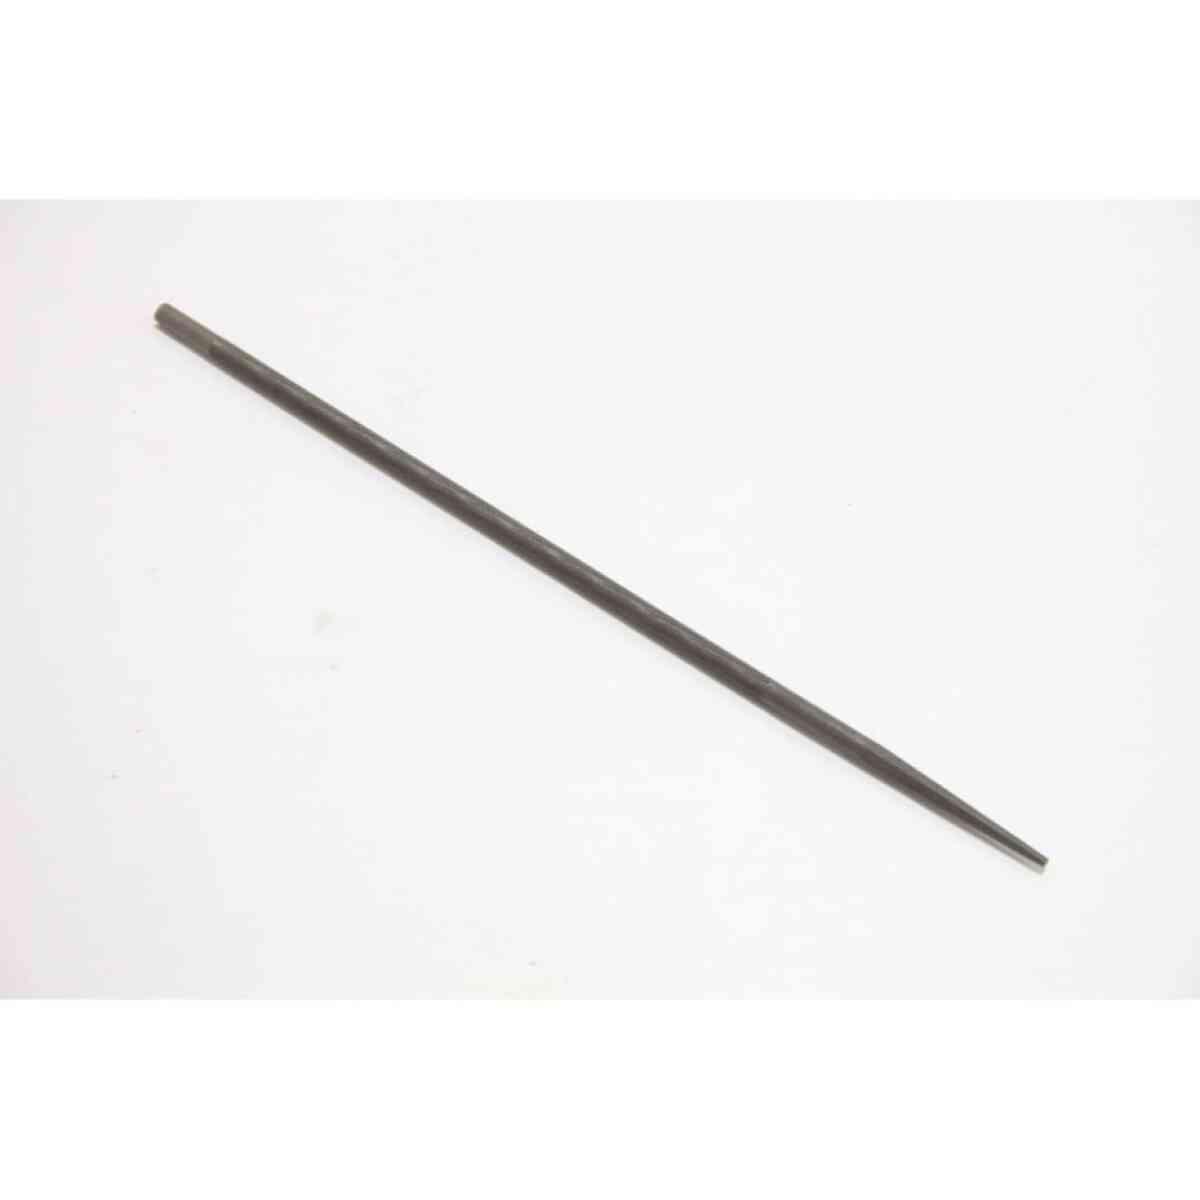 pila 5 5mm 7 32 archer padure gardina.ro 83